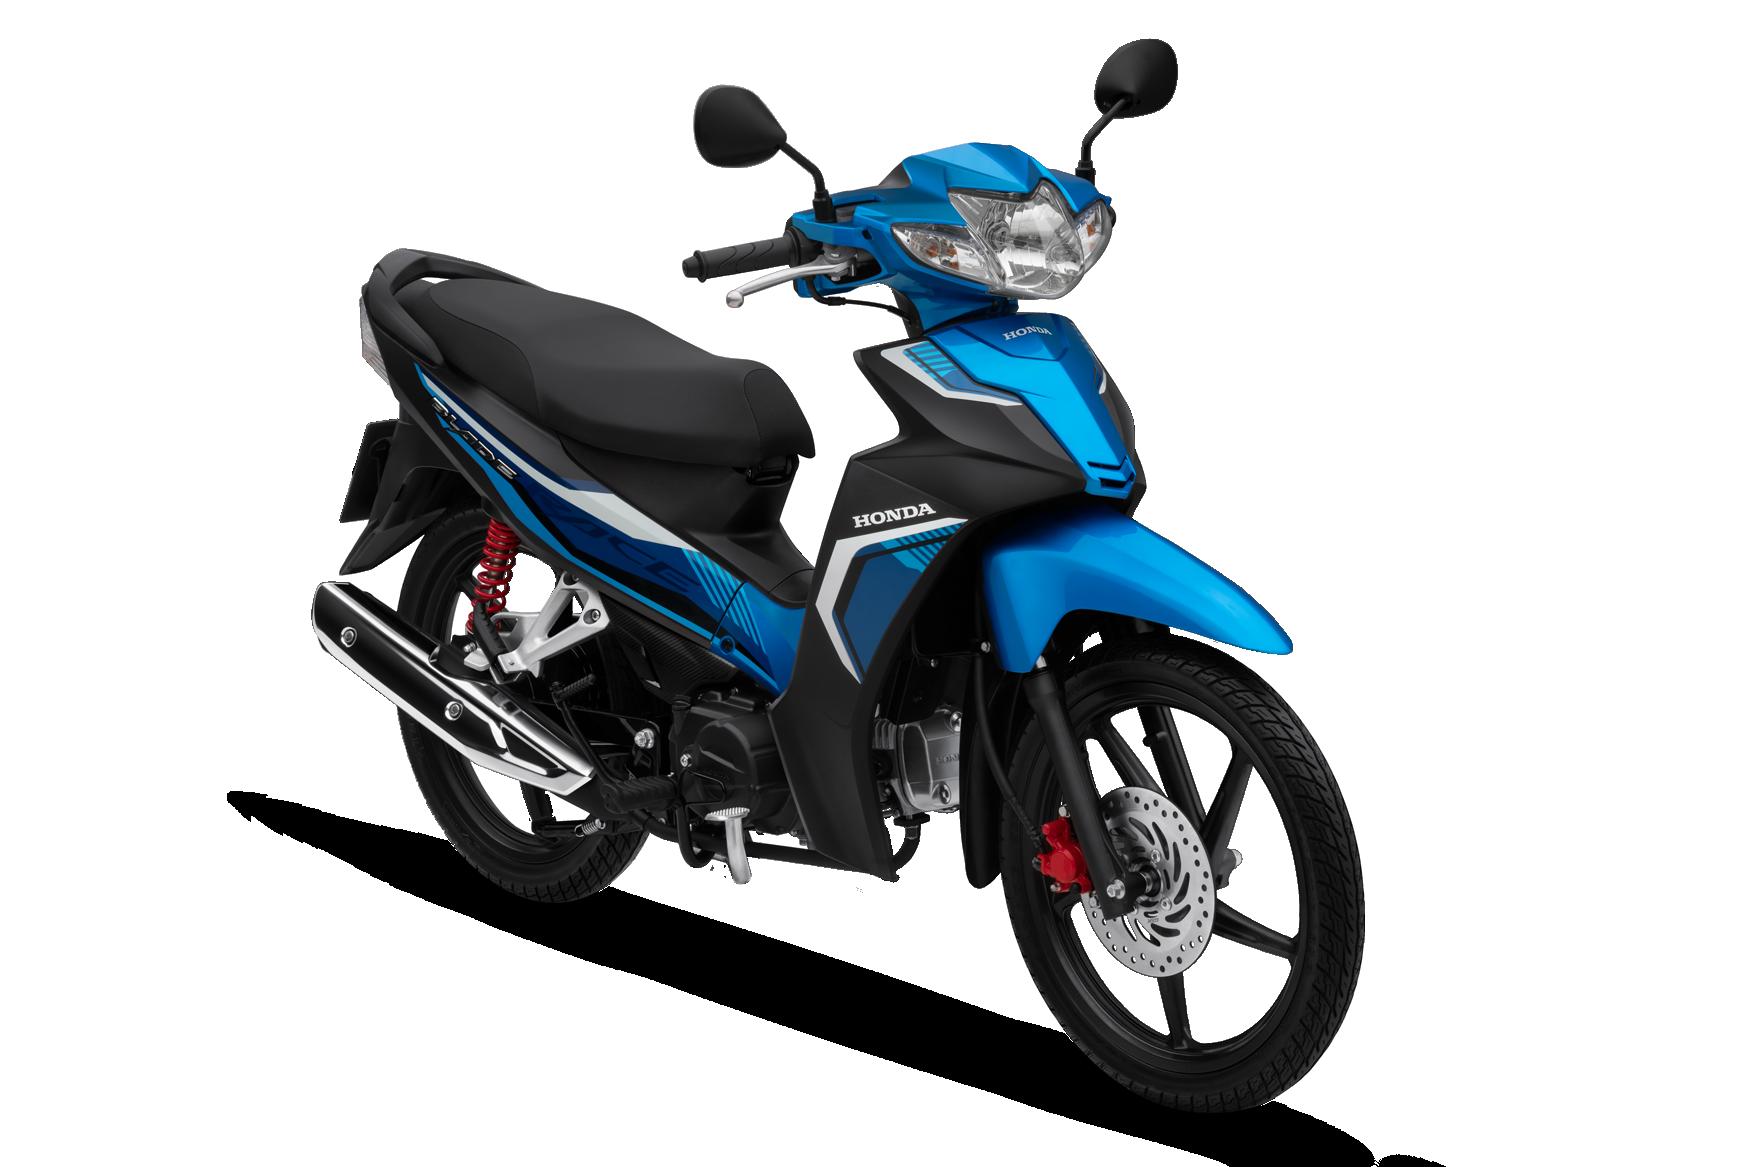 Honda Blade 2020 phiên bản thể thao vành đúc phanh đĩa màu xanh đen